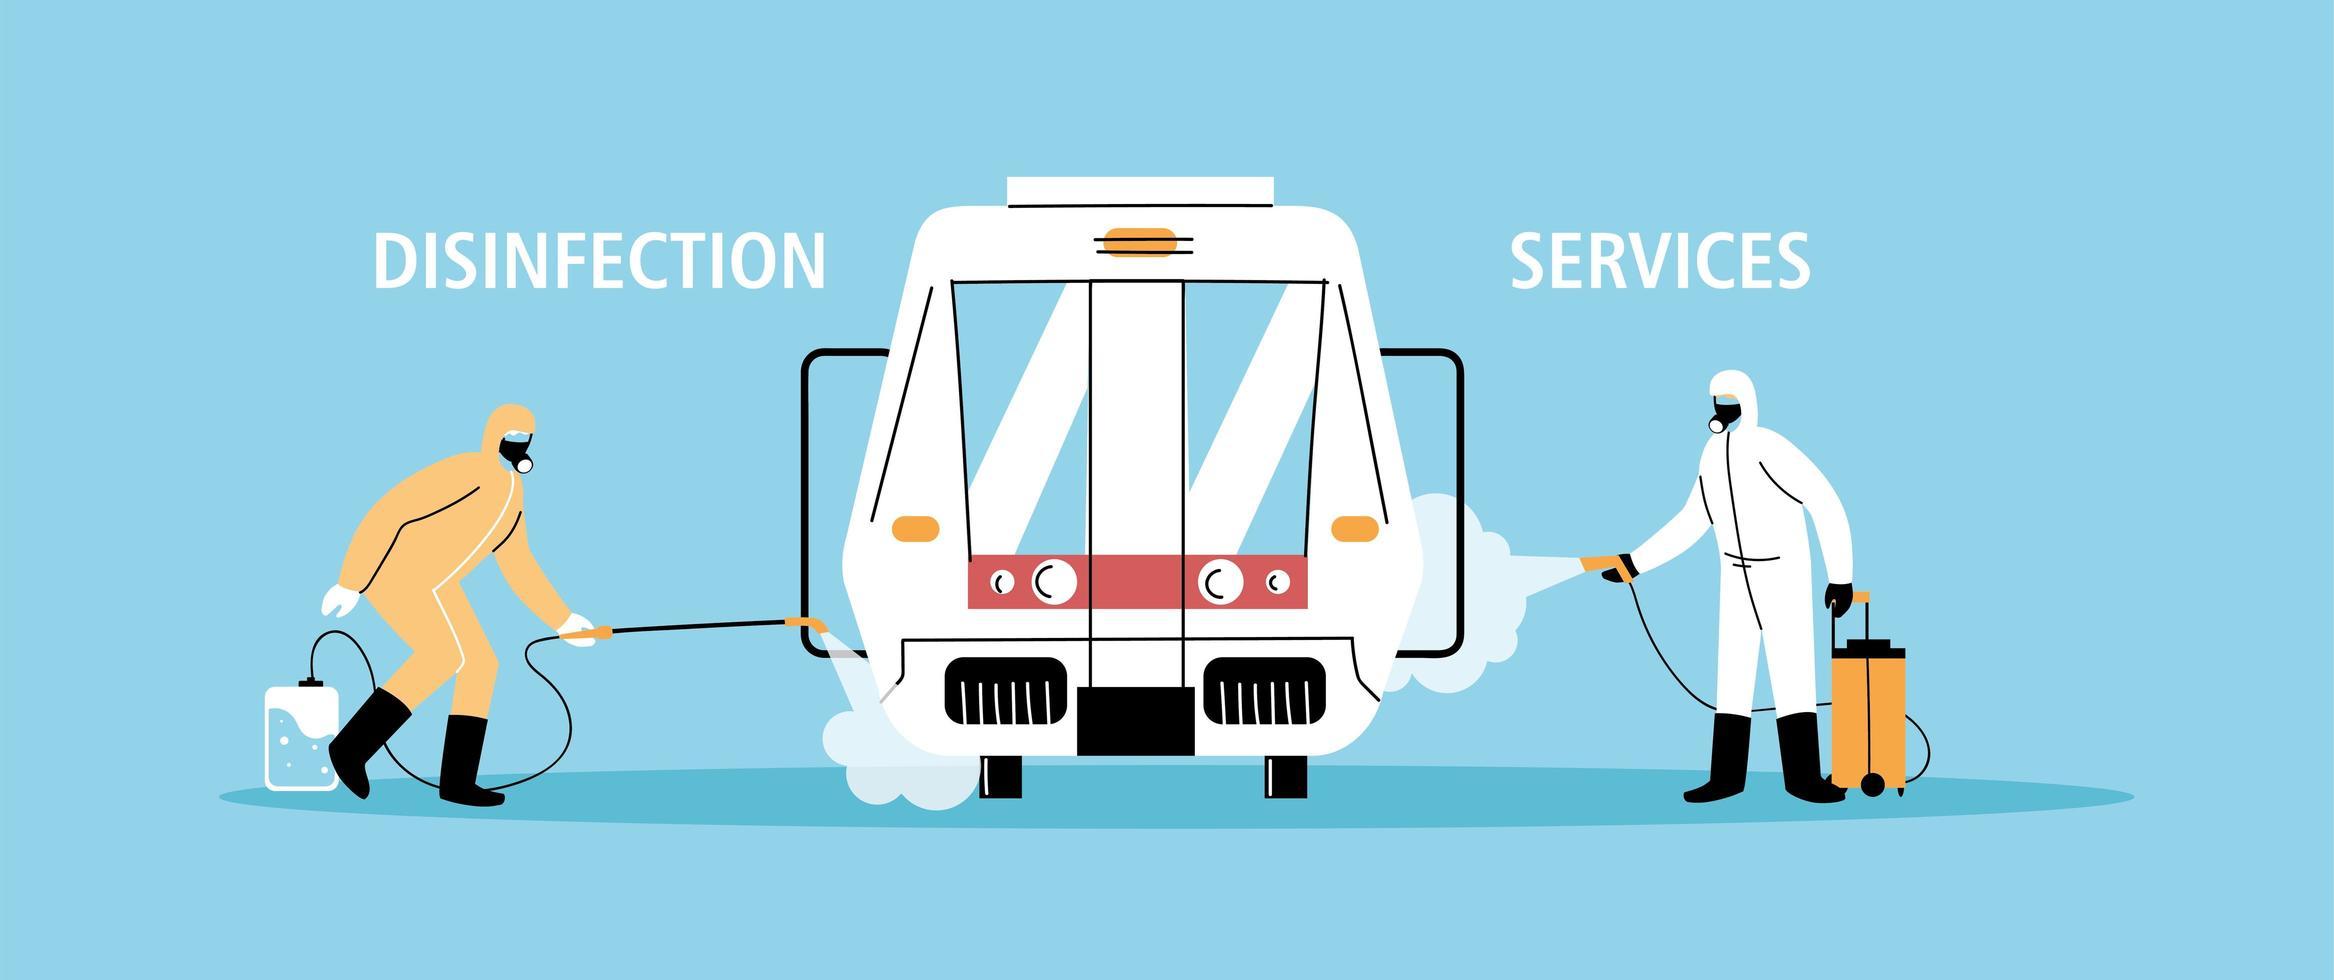 service metro desinfectie door coronavirus of covid 19 vector